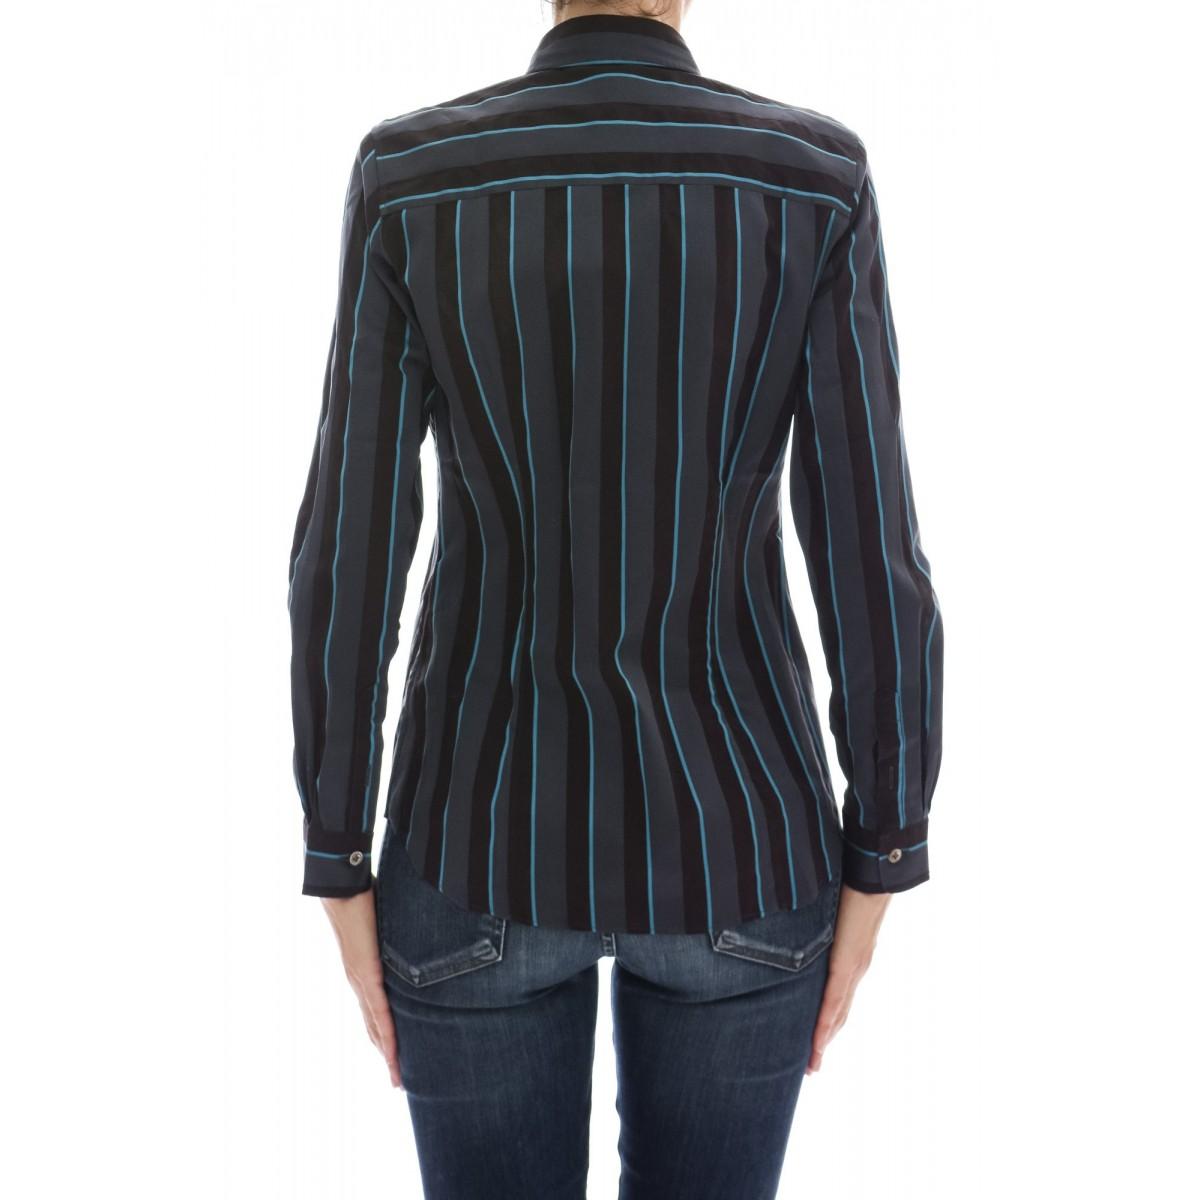 Camicia donna Archivio '67 - Rxd ze6 camicia riga